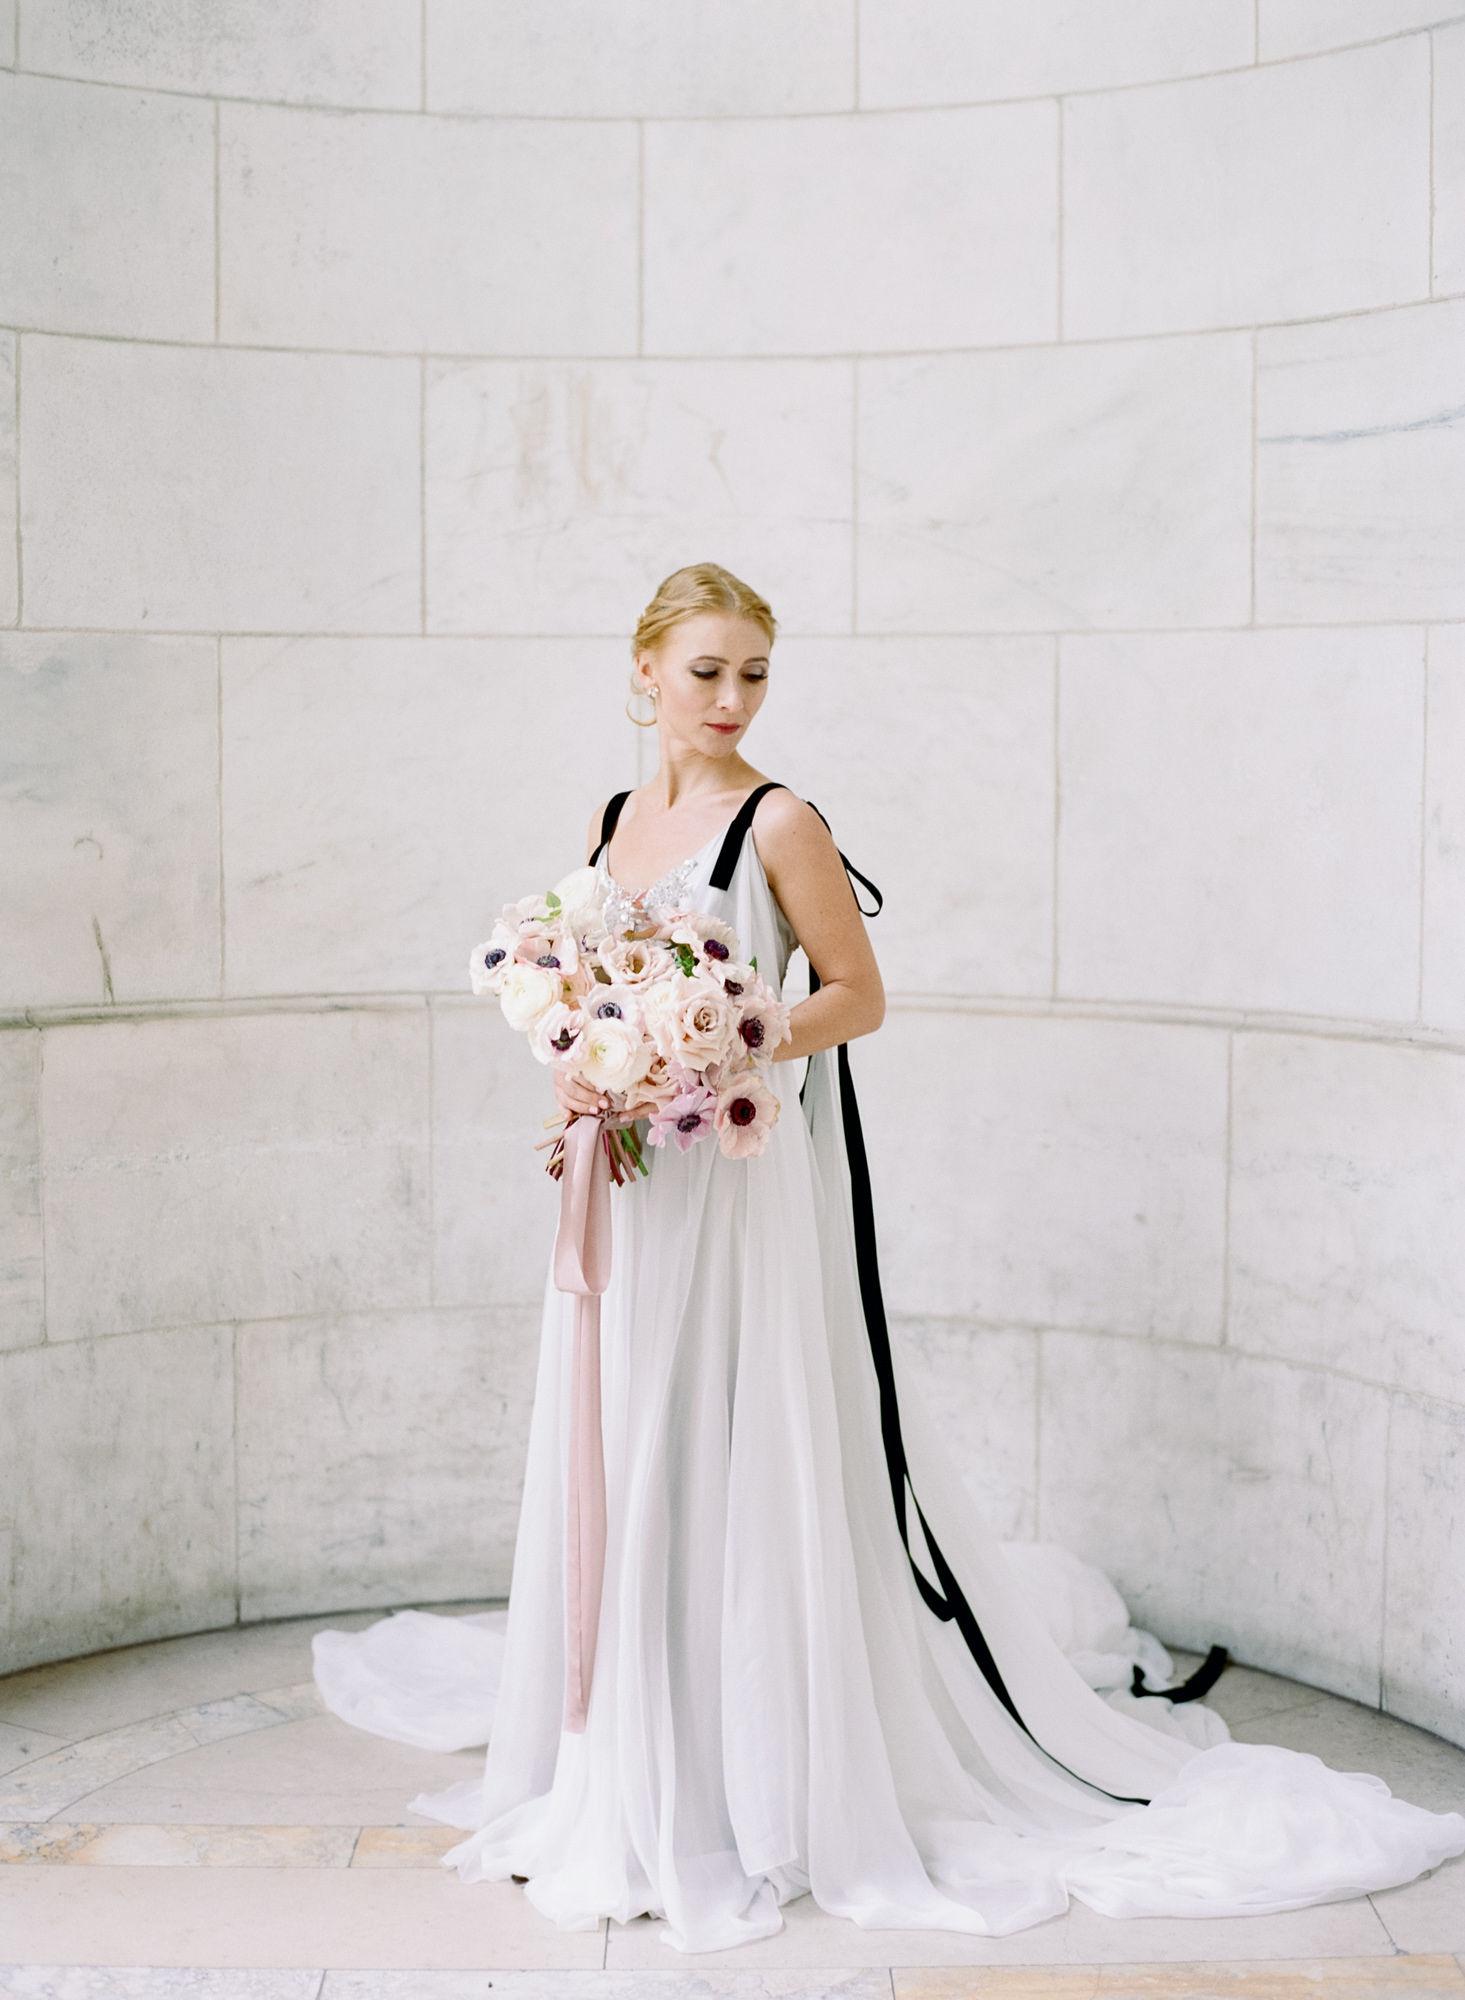 Soft flowy wedding gown black details3.JPG